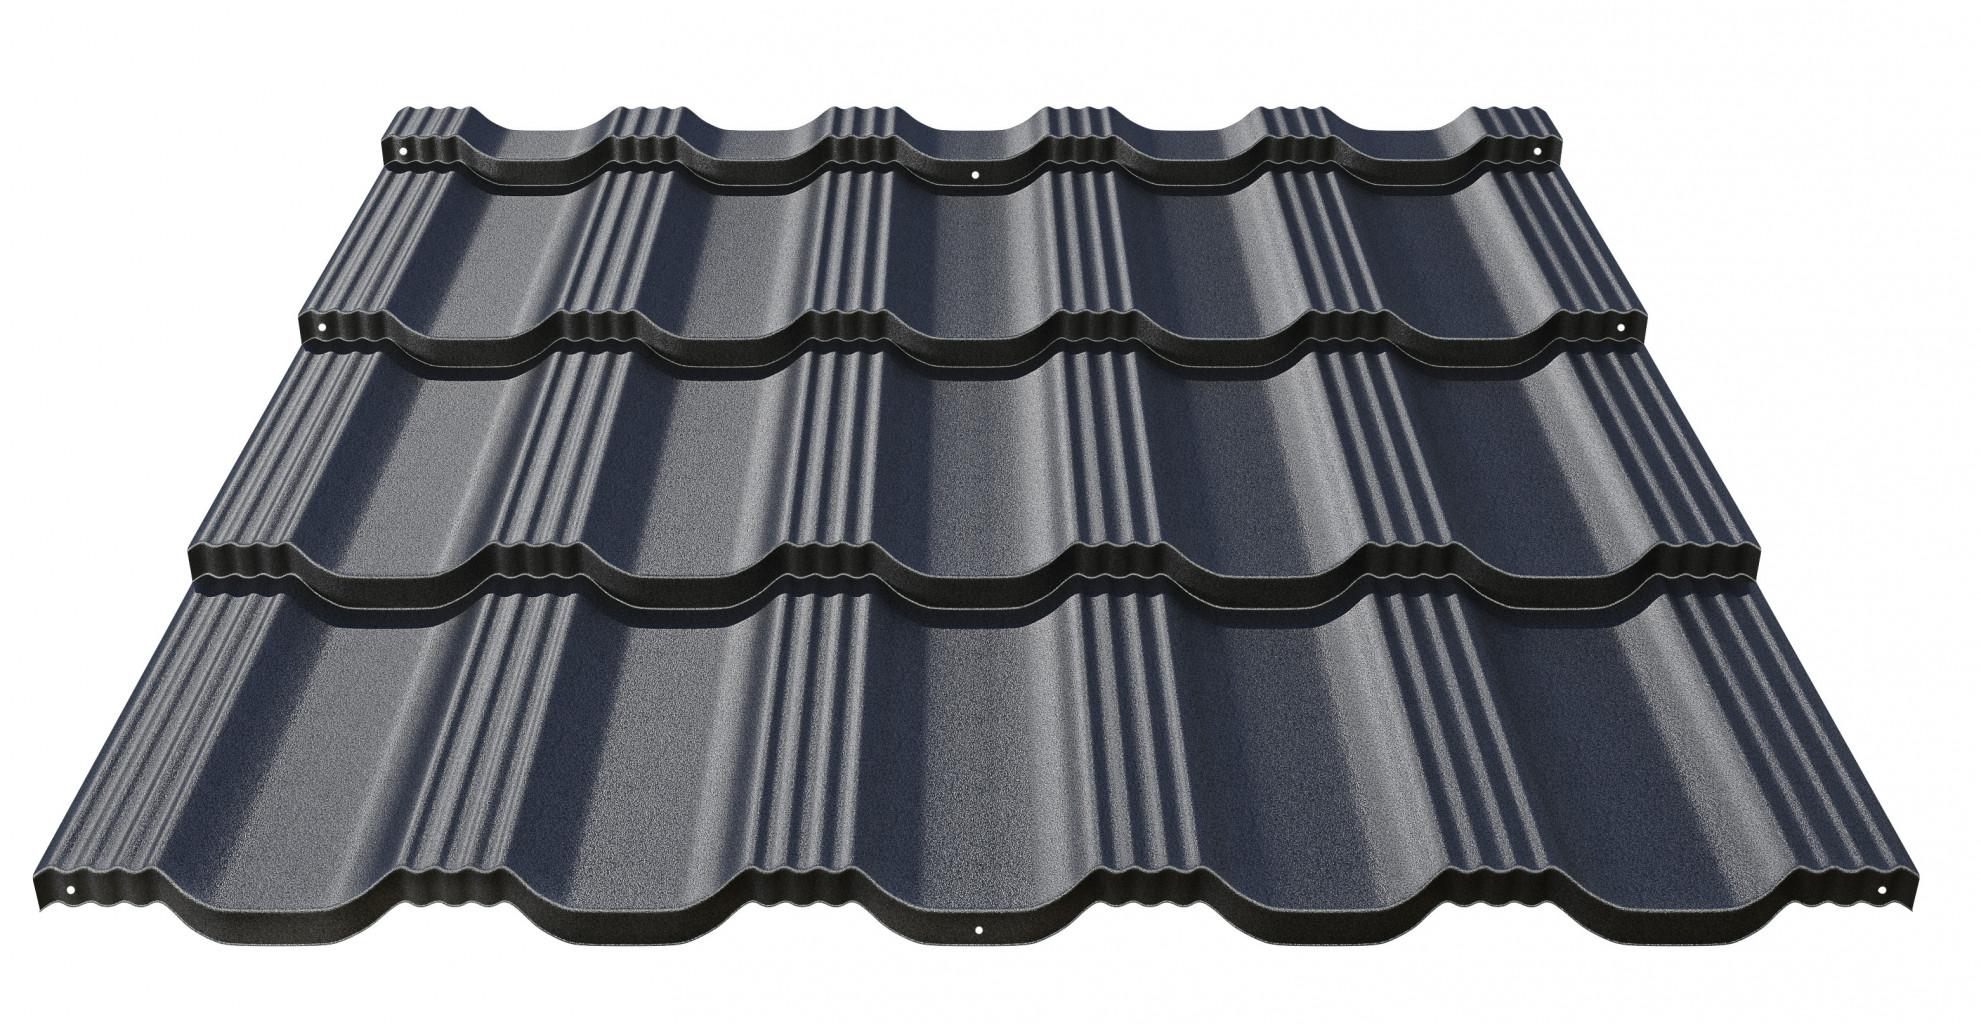 DachHolding blachprofil2 Klasyczne dachówki blaszane Bavaria R Roof